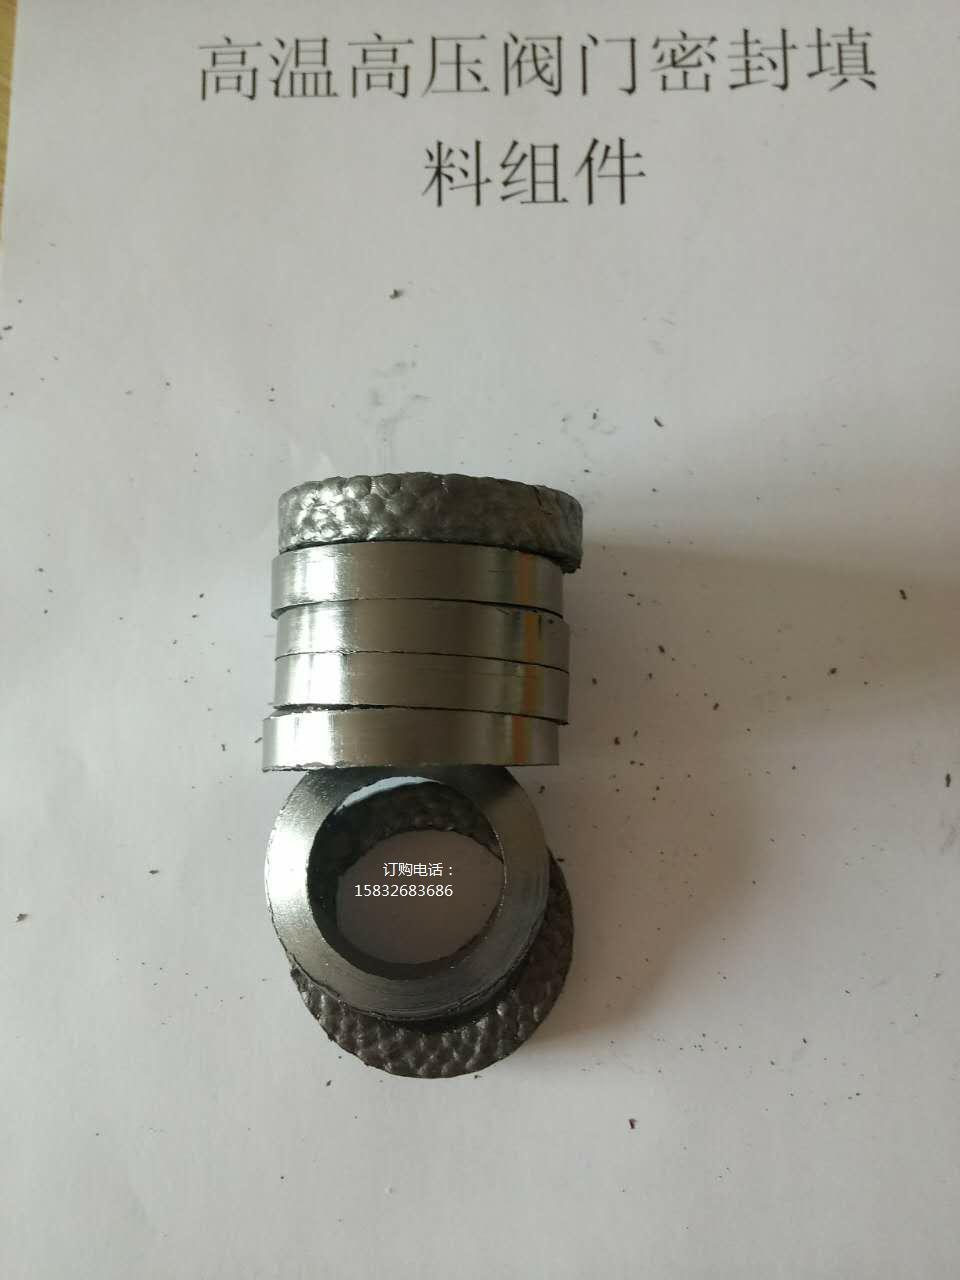 阀门电厂化工仪表锅炉V型石墨填料密封圈、V型组合填料密封环